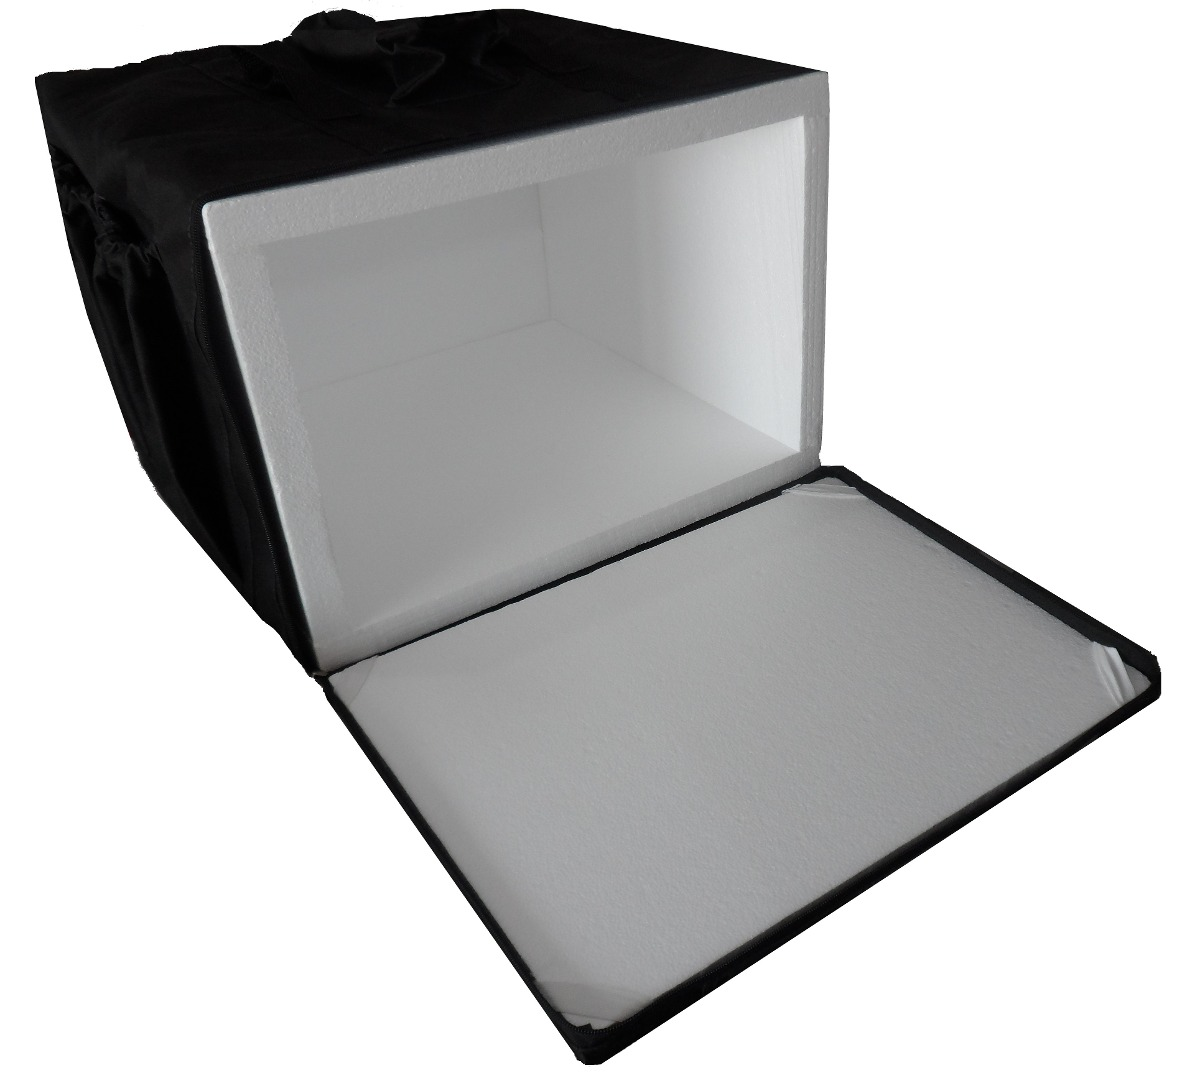 Bolsa Mochila Térmica de Pizza Refrigerante Para Entrega Motoboy Com ou Sem Caixa Térmica 35cm 40cm 44cm 50cm 53cm  - GuerreiroOnline